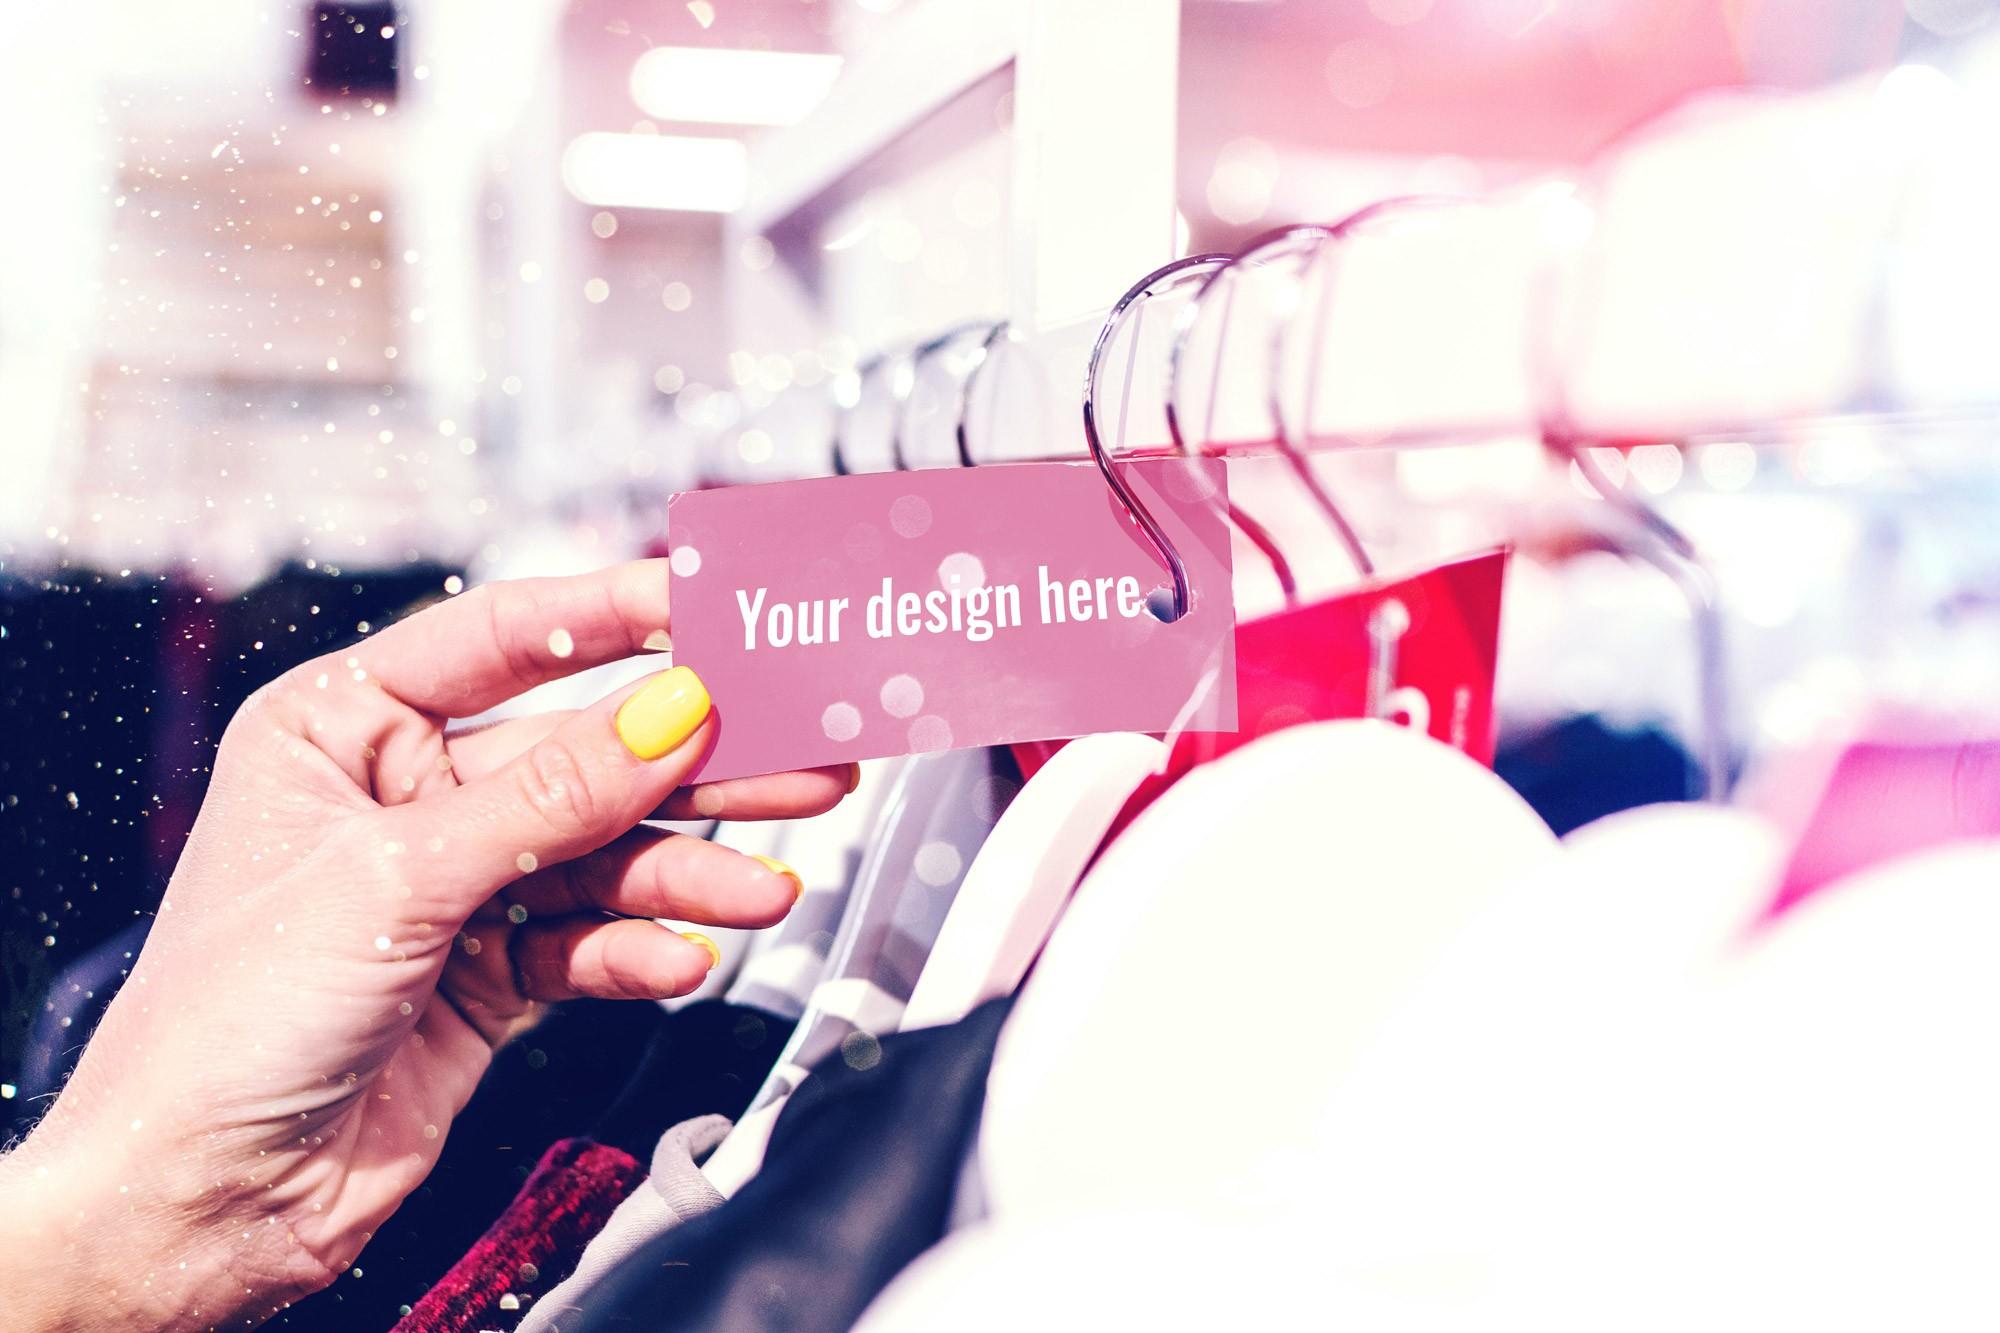 clothing tag mockup